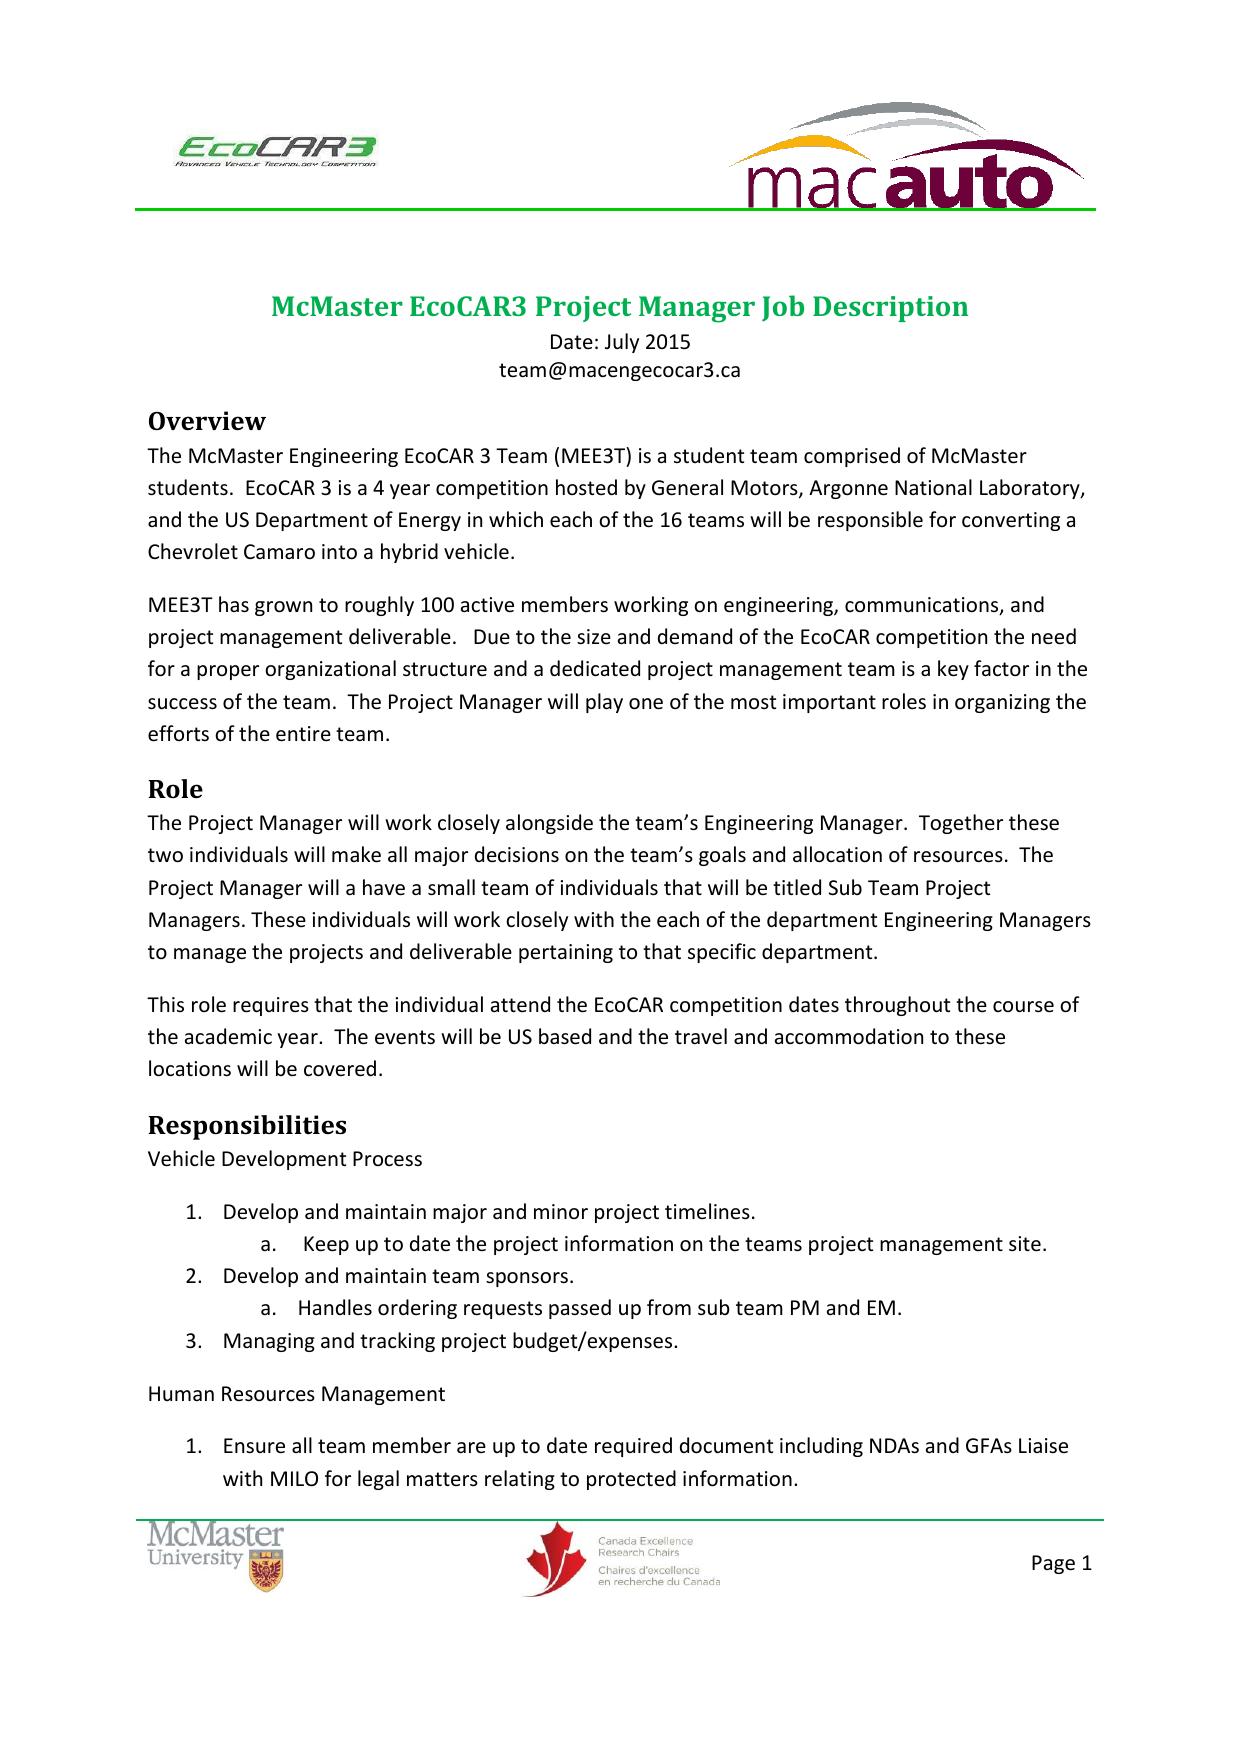 McMaster EcoCAR3 Project Manager Job Description